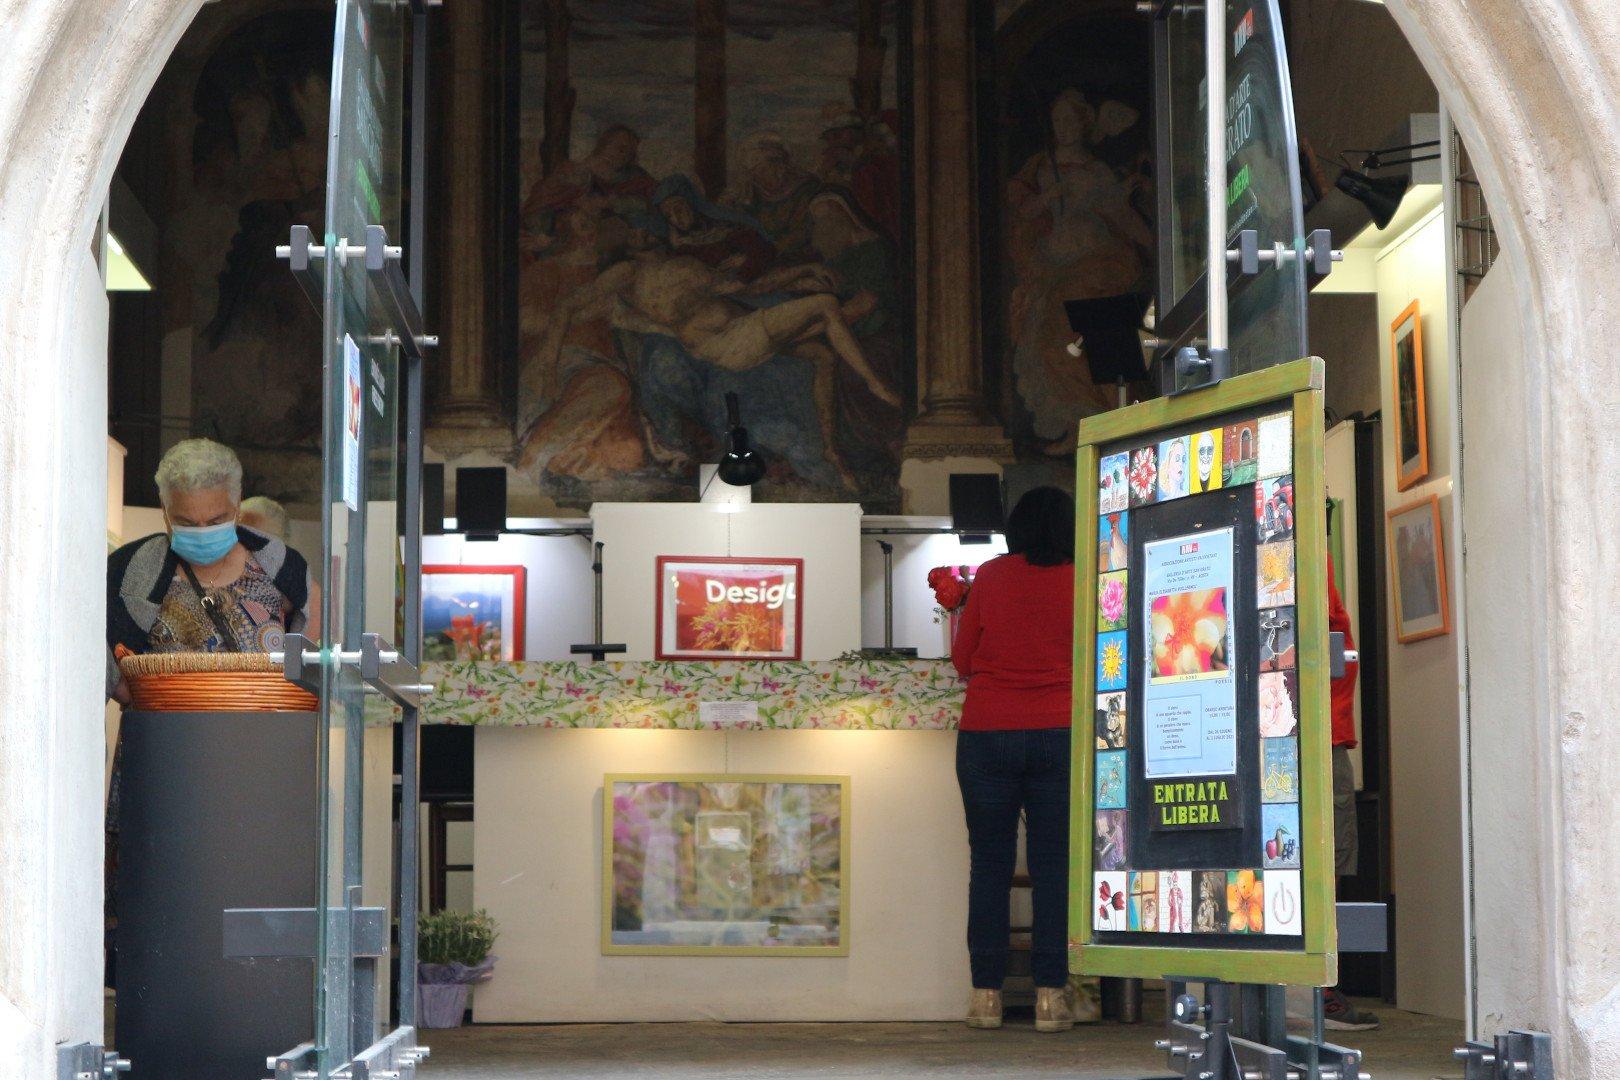 La ripartenza anche nelle opere degli artisti che, a giugno e a luglio, espongono alla Galleria San Grato di Aosta